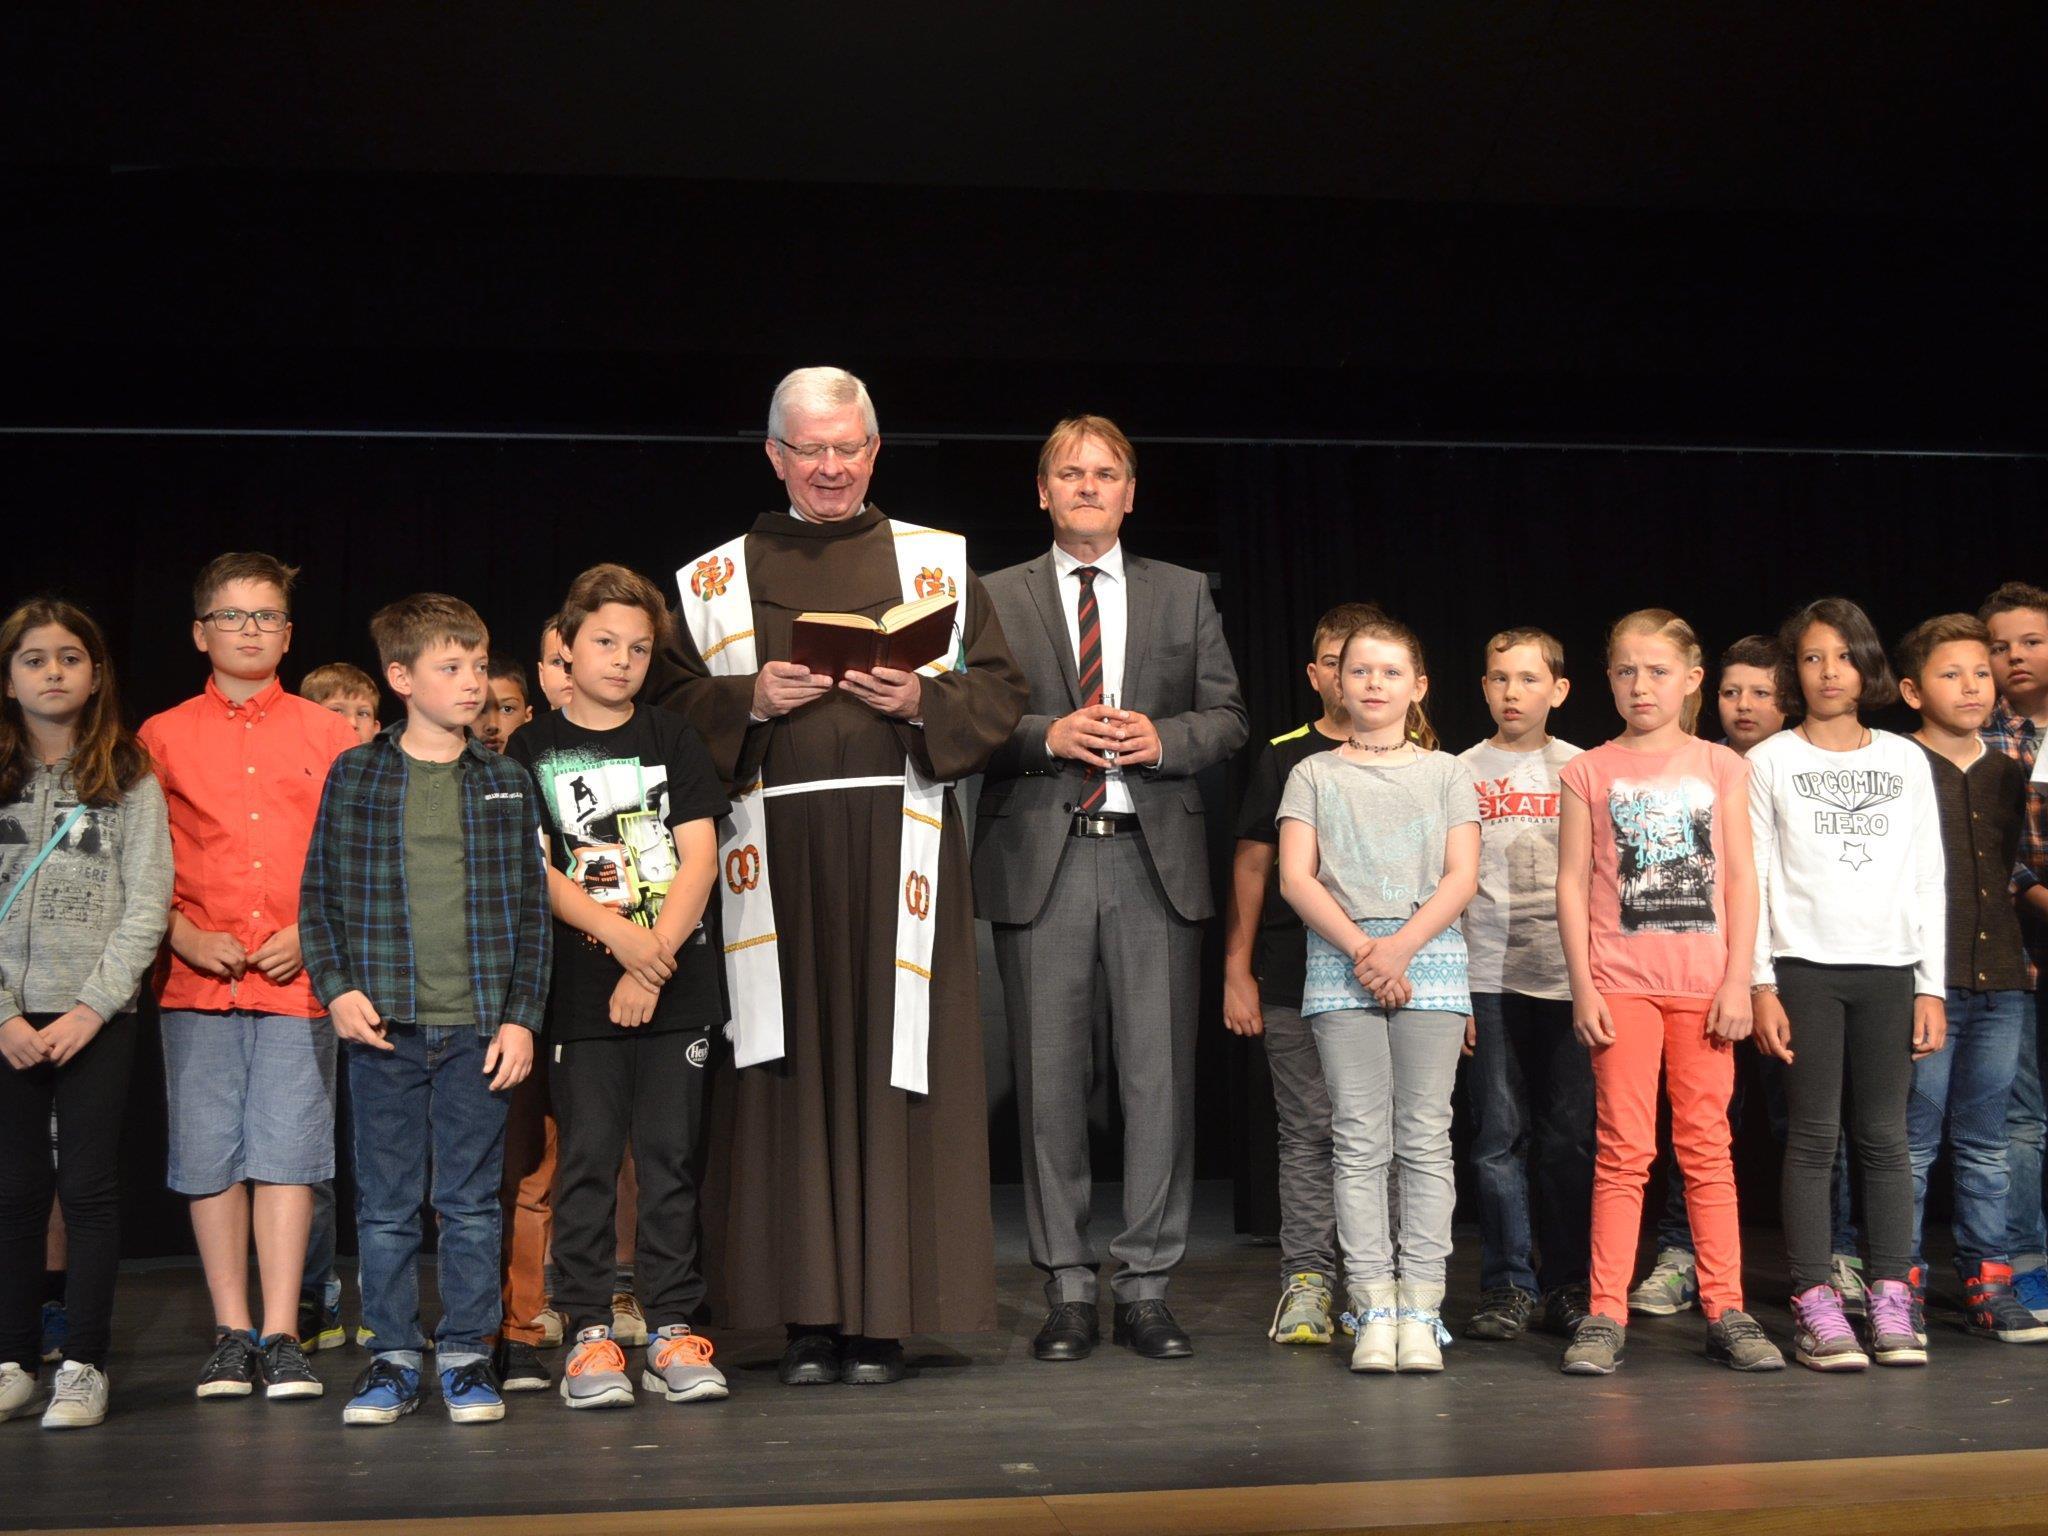 """Pater Adrian Buchtzik nahm mit dem Bürgermeister als """"Ministrant"""" sowie den Volksschulkindern die Segnung vor."""